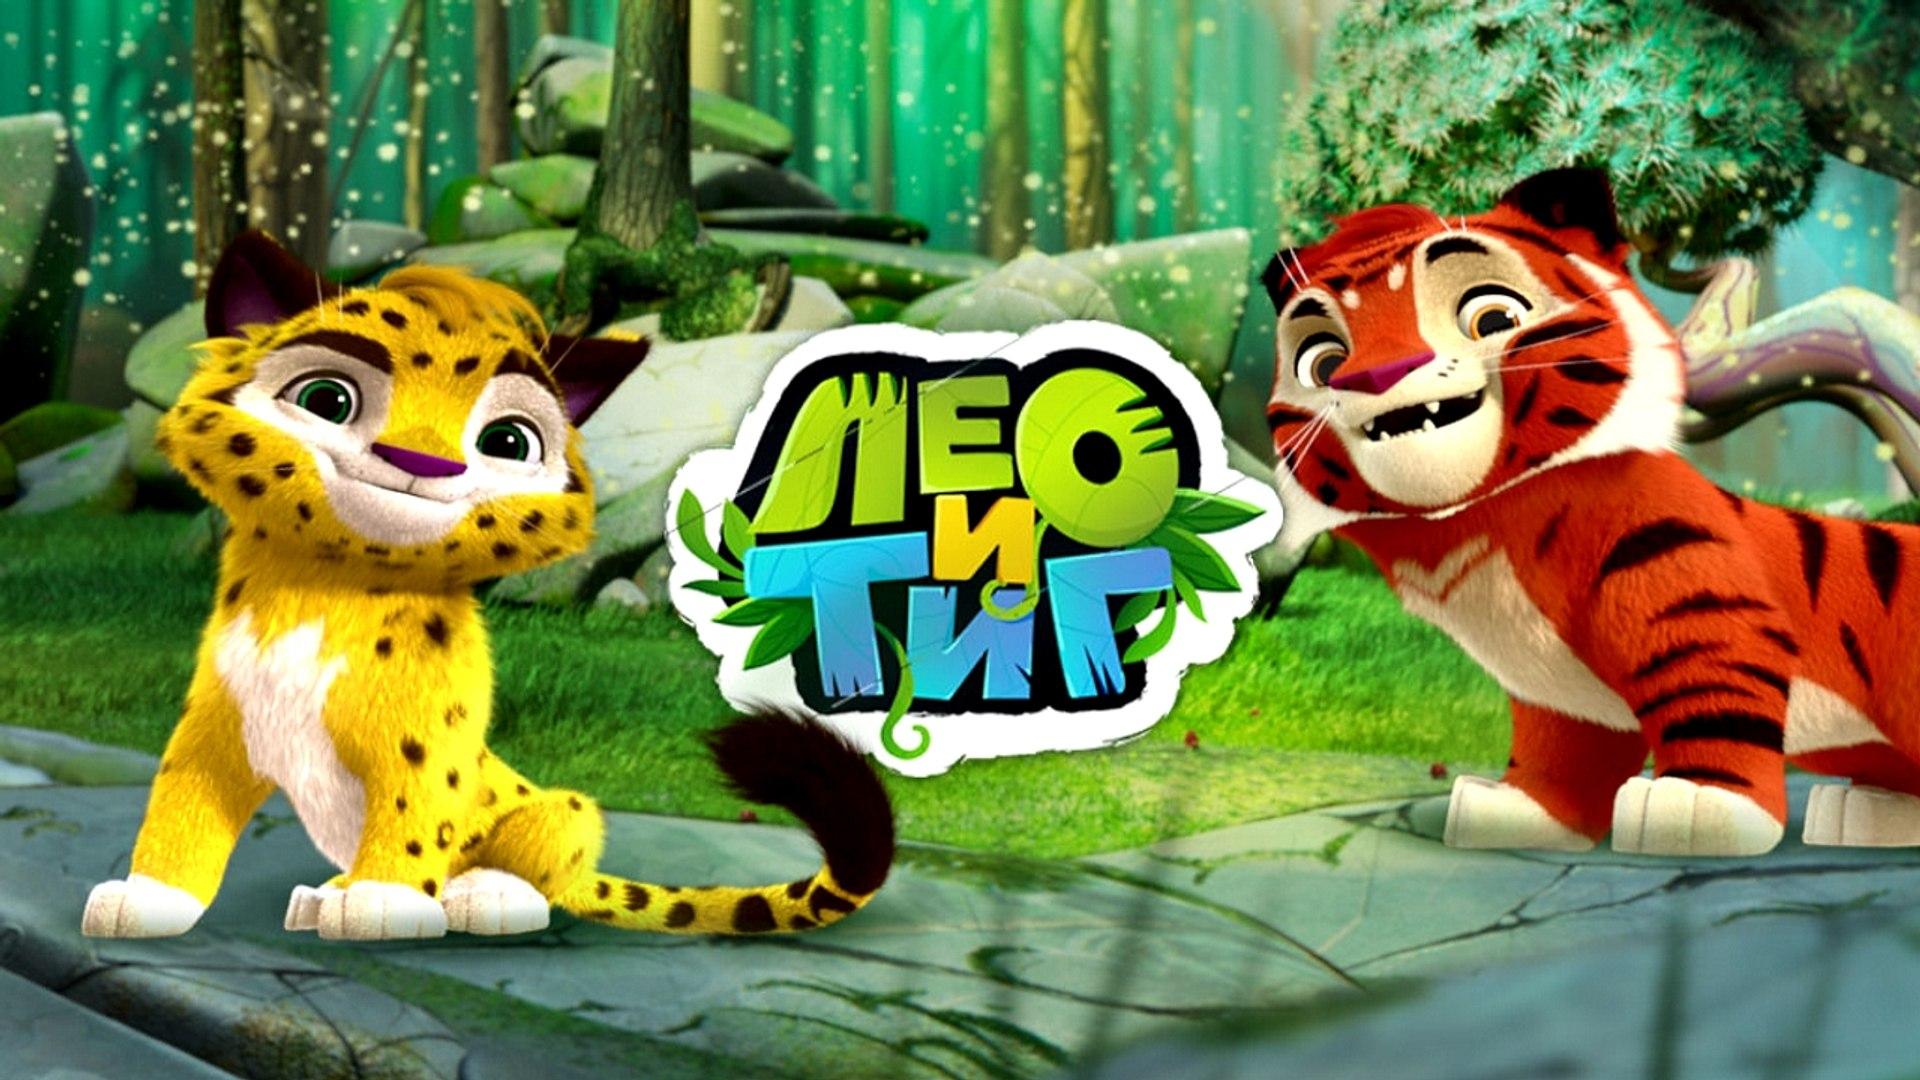 Лео и Тиг. 12 серия. История героя | Leo and Tig. 12 series. History of the него